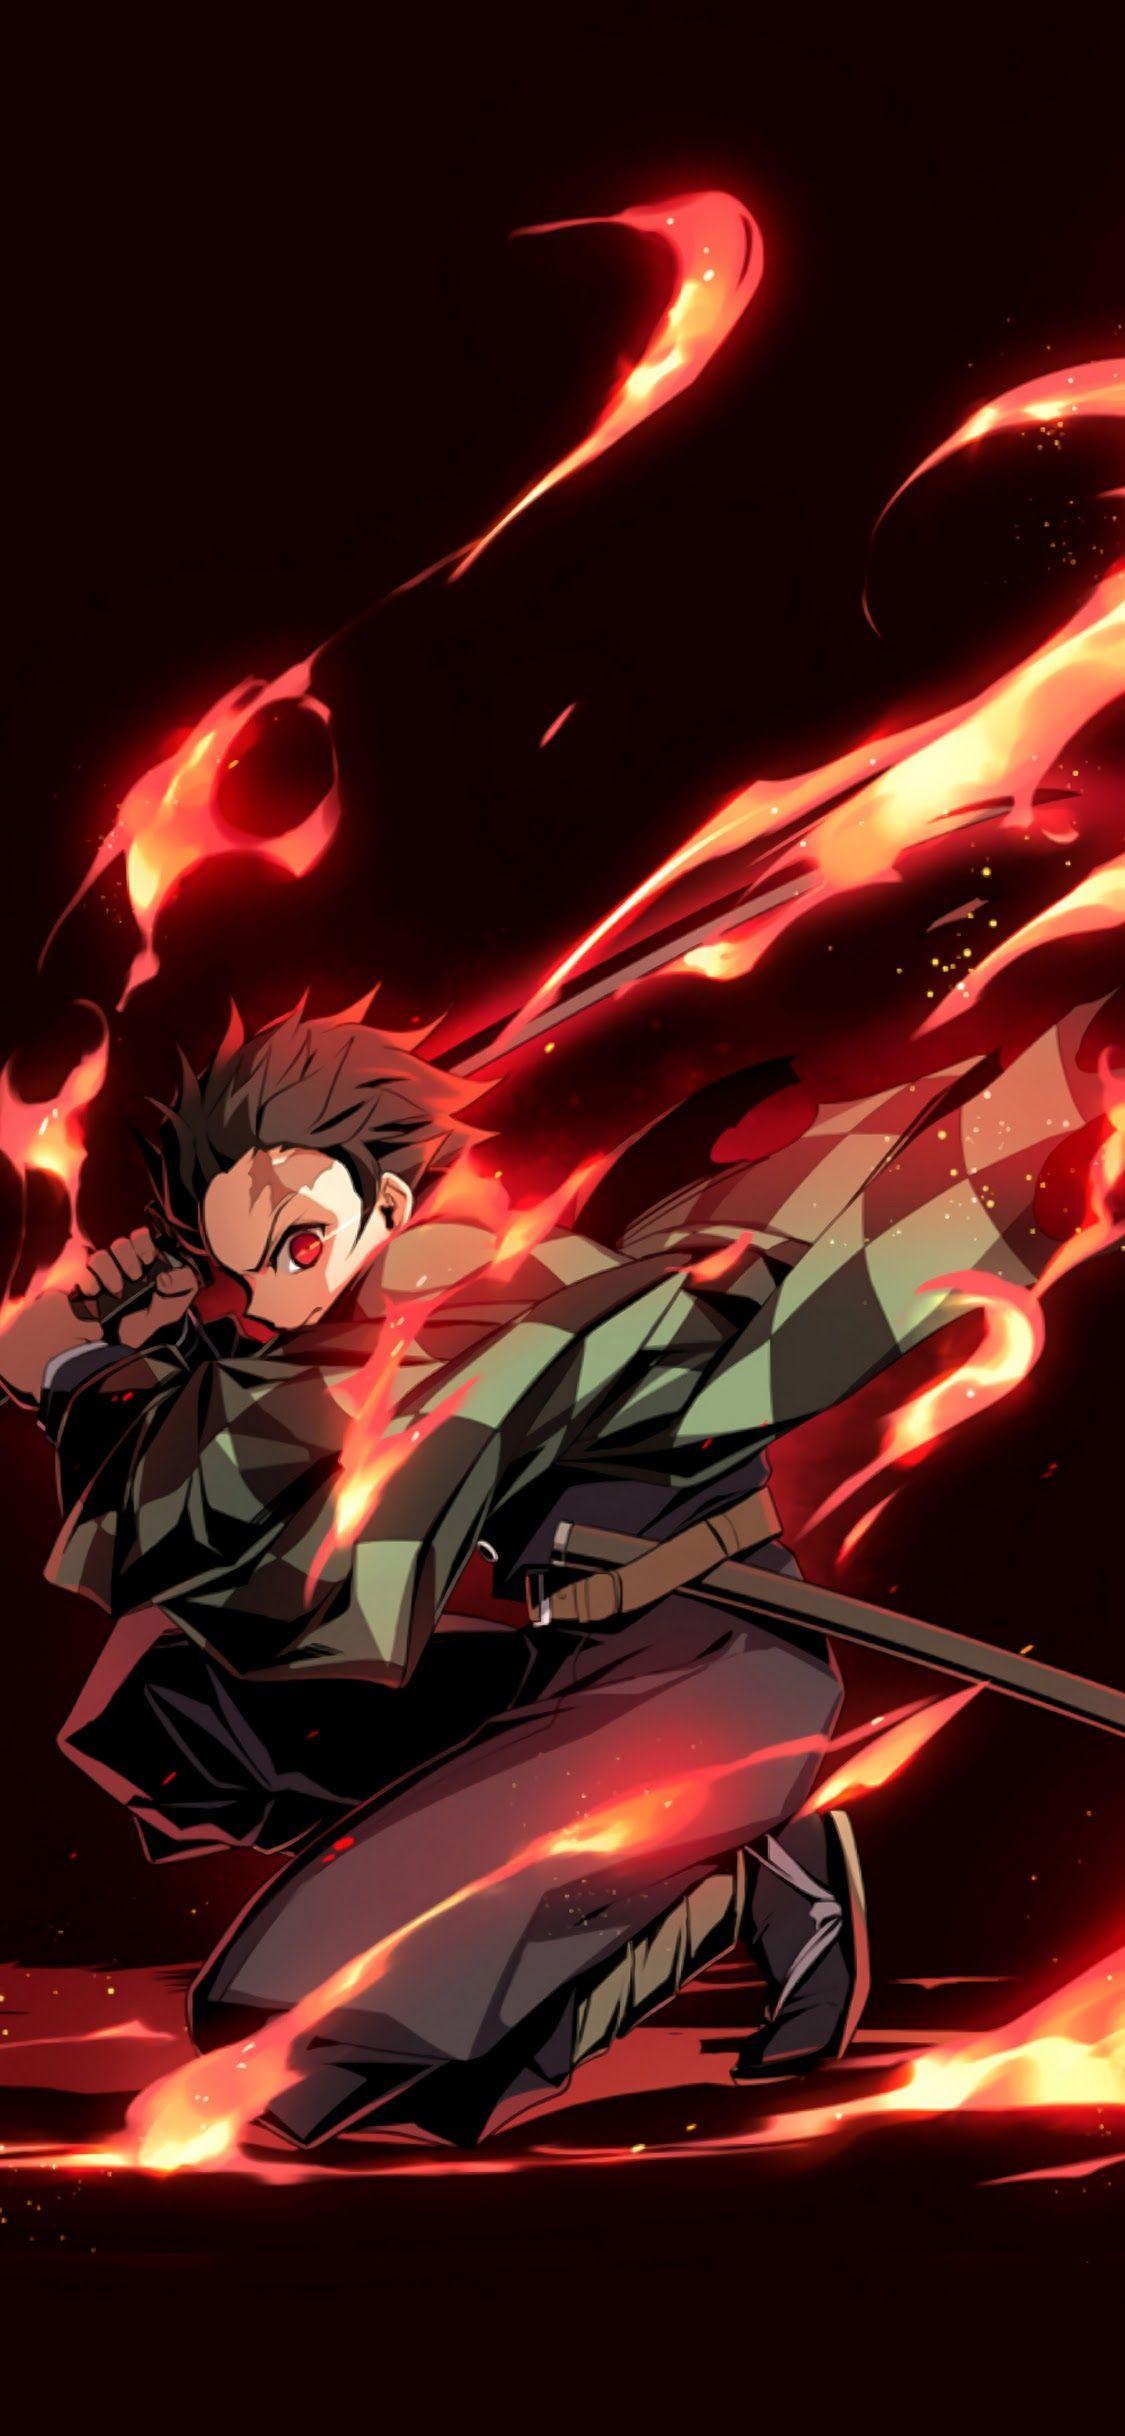 3d Anime Wallpaper For Iphone gambar ke 8